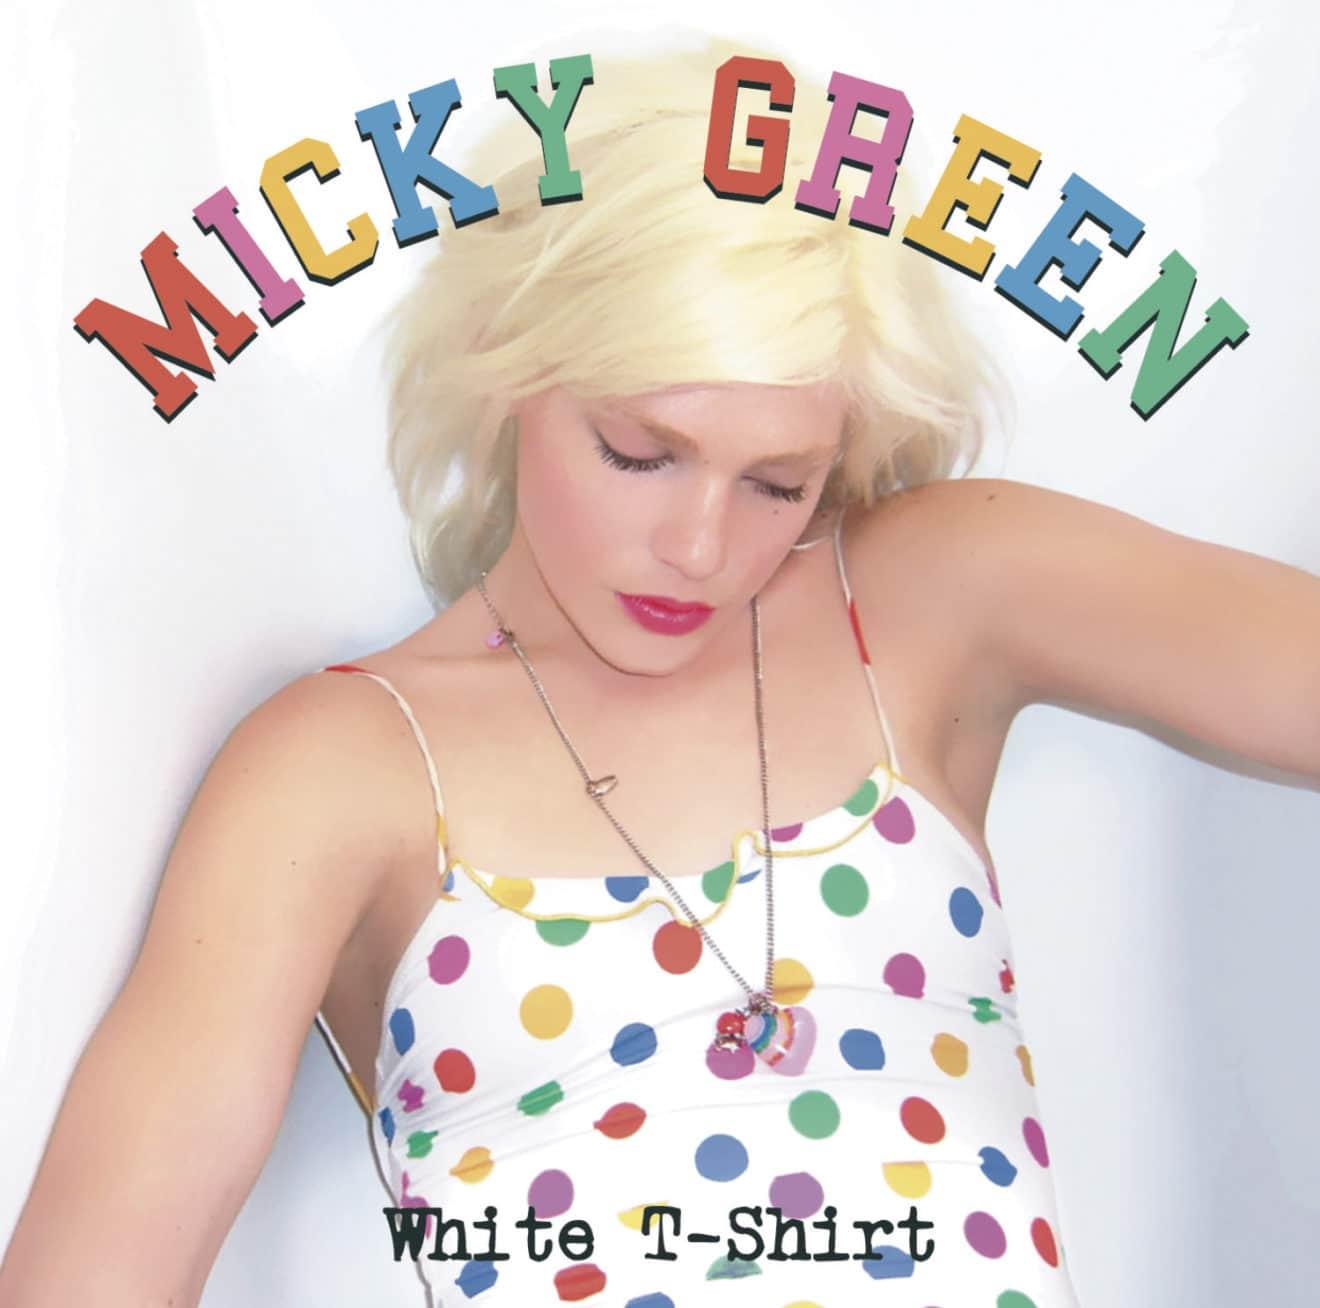 Micky Green : L'interview vidéo 5